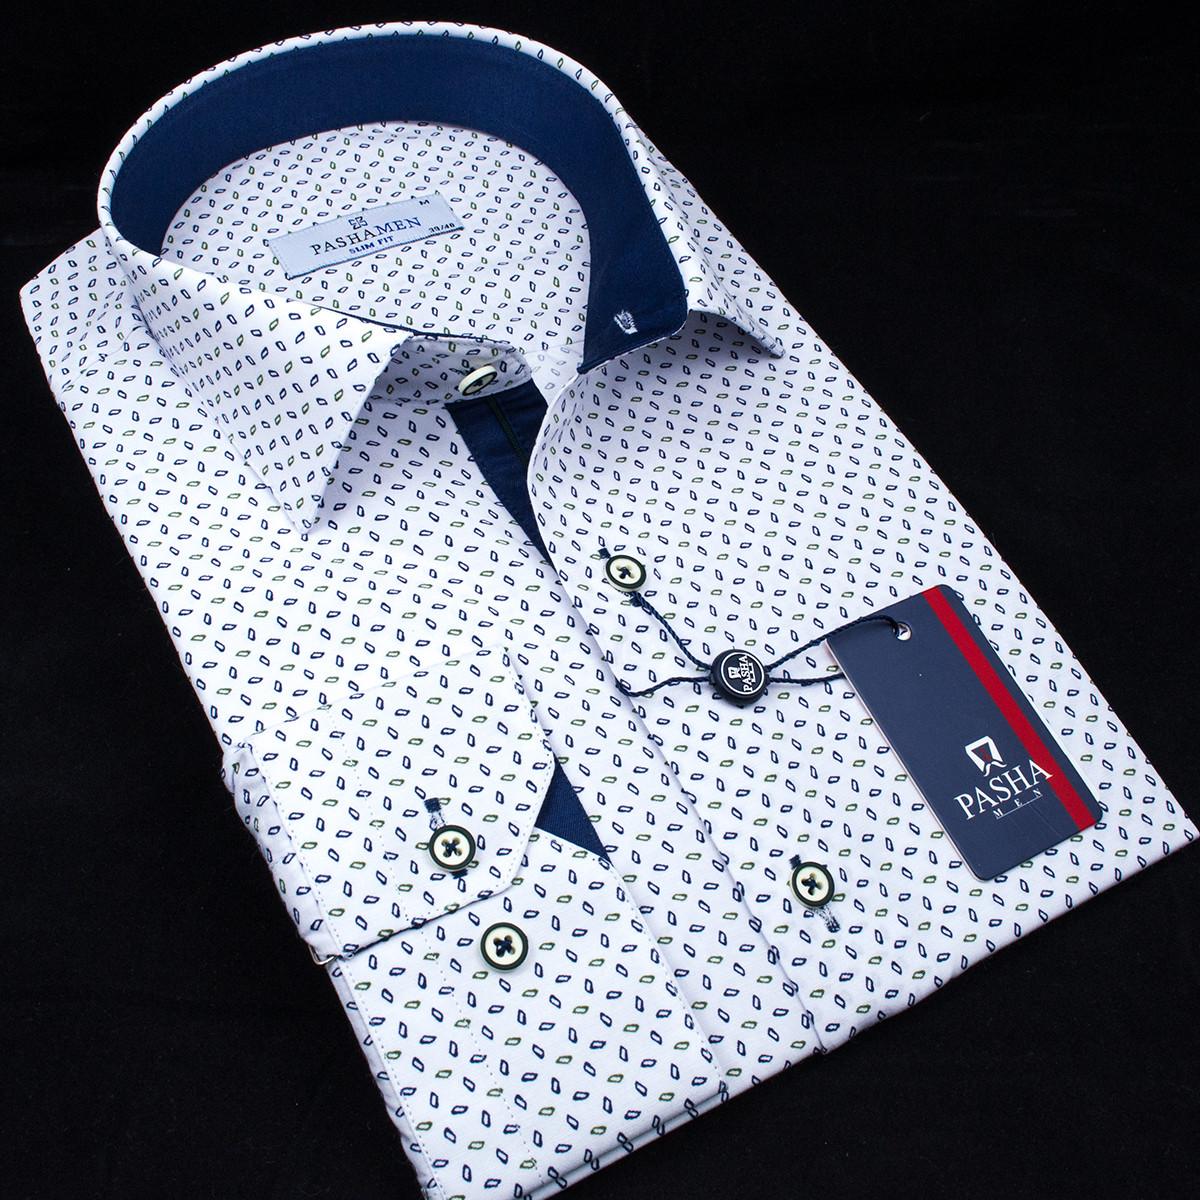 Сорочка чоловіча, приталена (Slim Fit), з довгим рукавом PASHAMEN 1731-03 90% бавовна 10% поліестер L(Р)